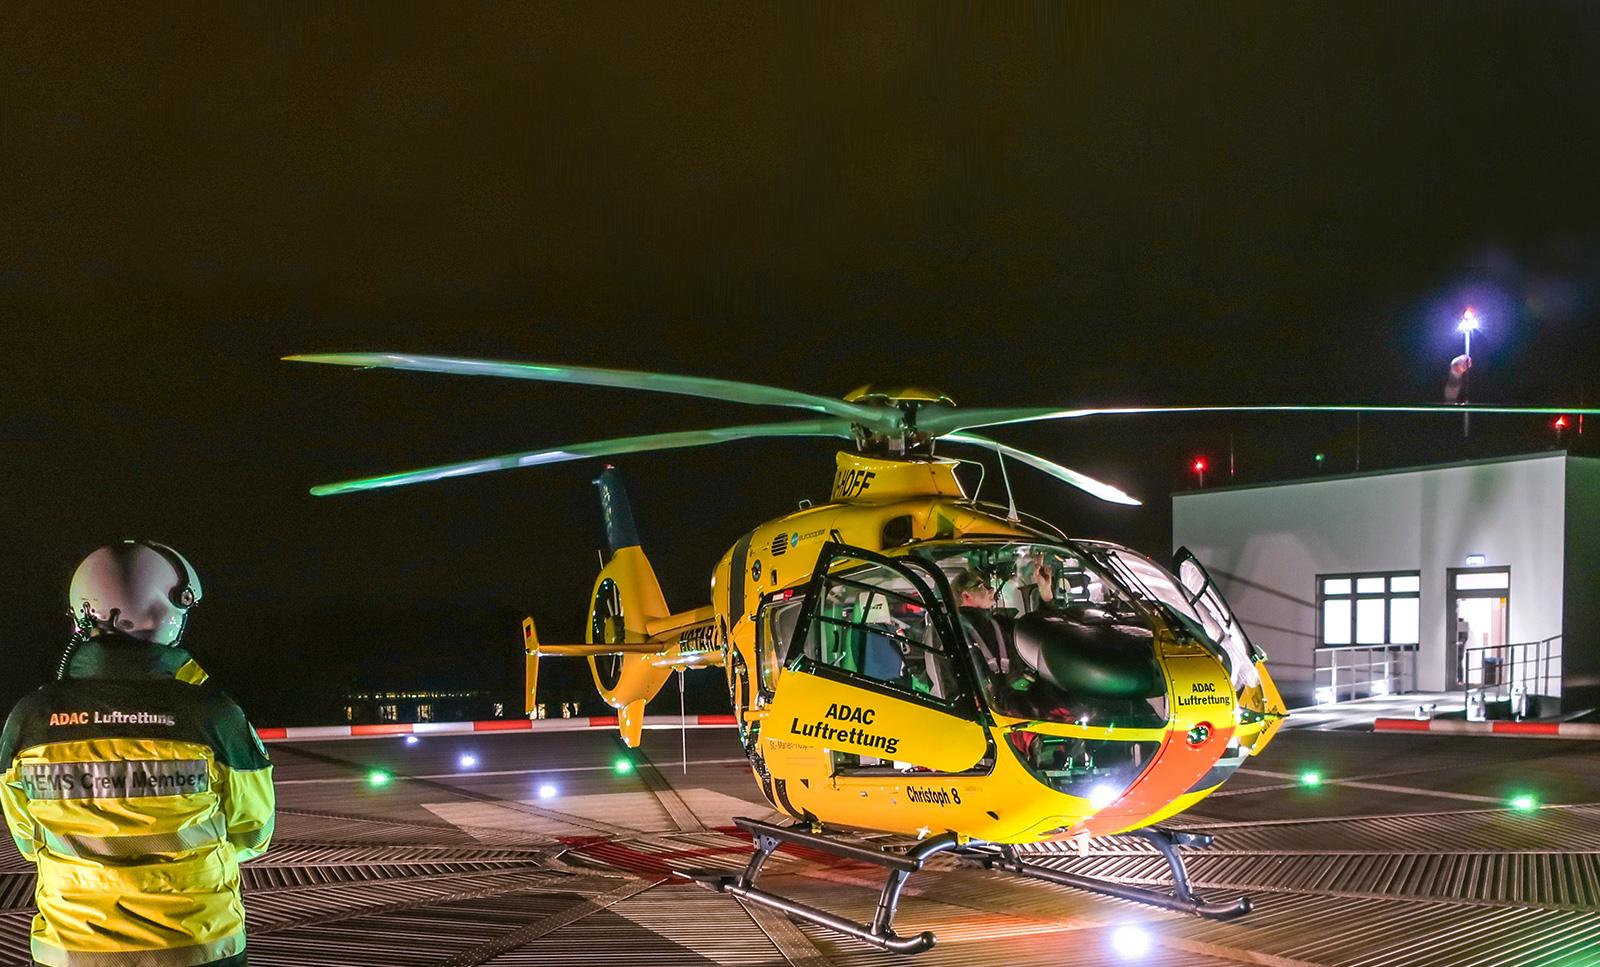 Foto von Rettungseinsatz der ADAC Luftrettung